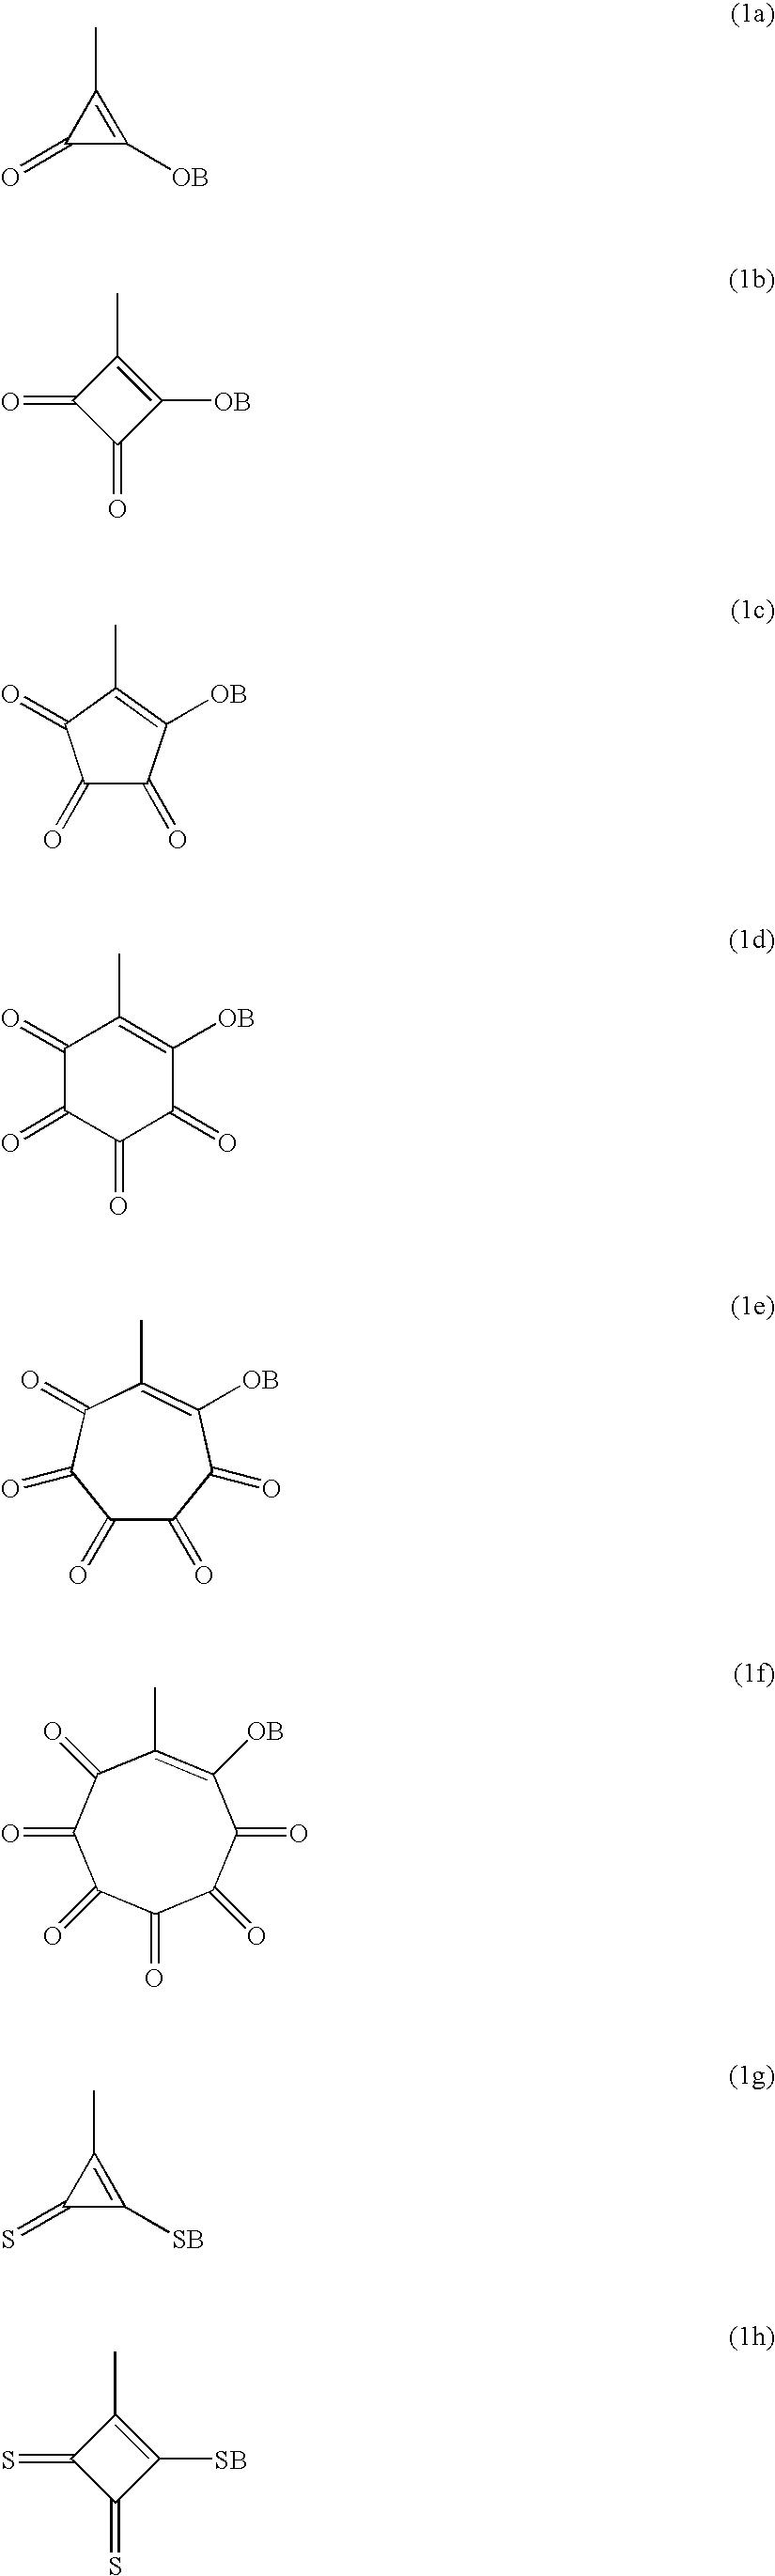 Figure US07981567-20110719-C00004